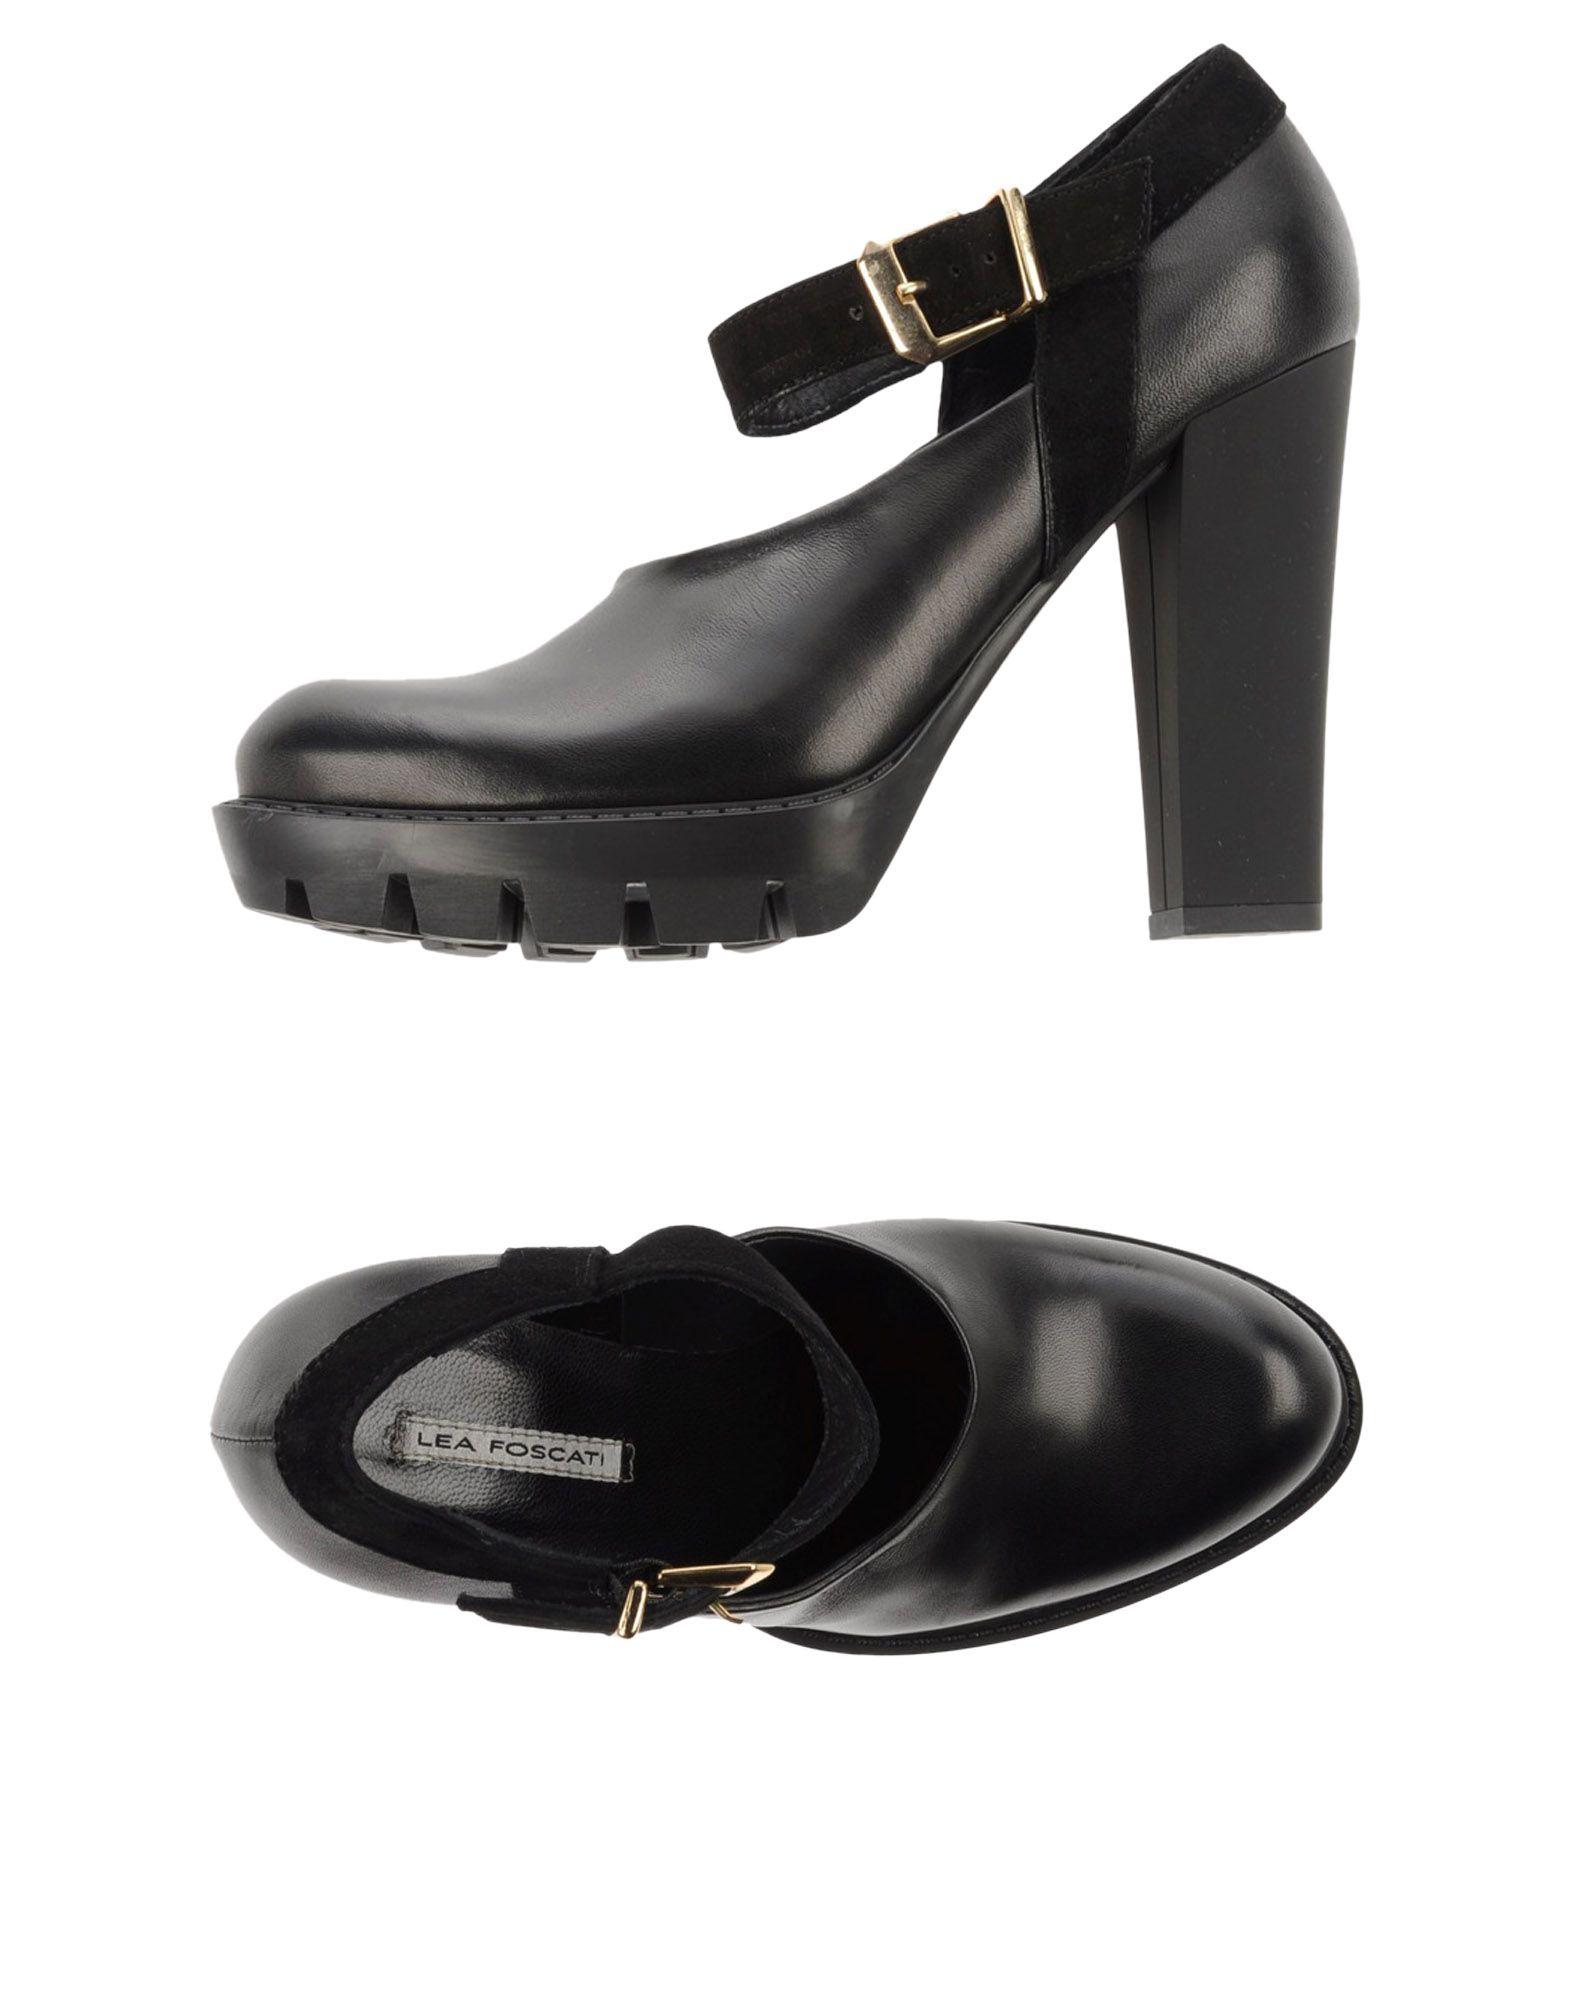 Lea Foscati Pumps Damen beliebte  44814744HT Gute Qualität beliebte Damen Schuhe 9275f8